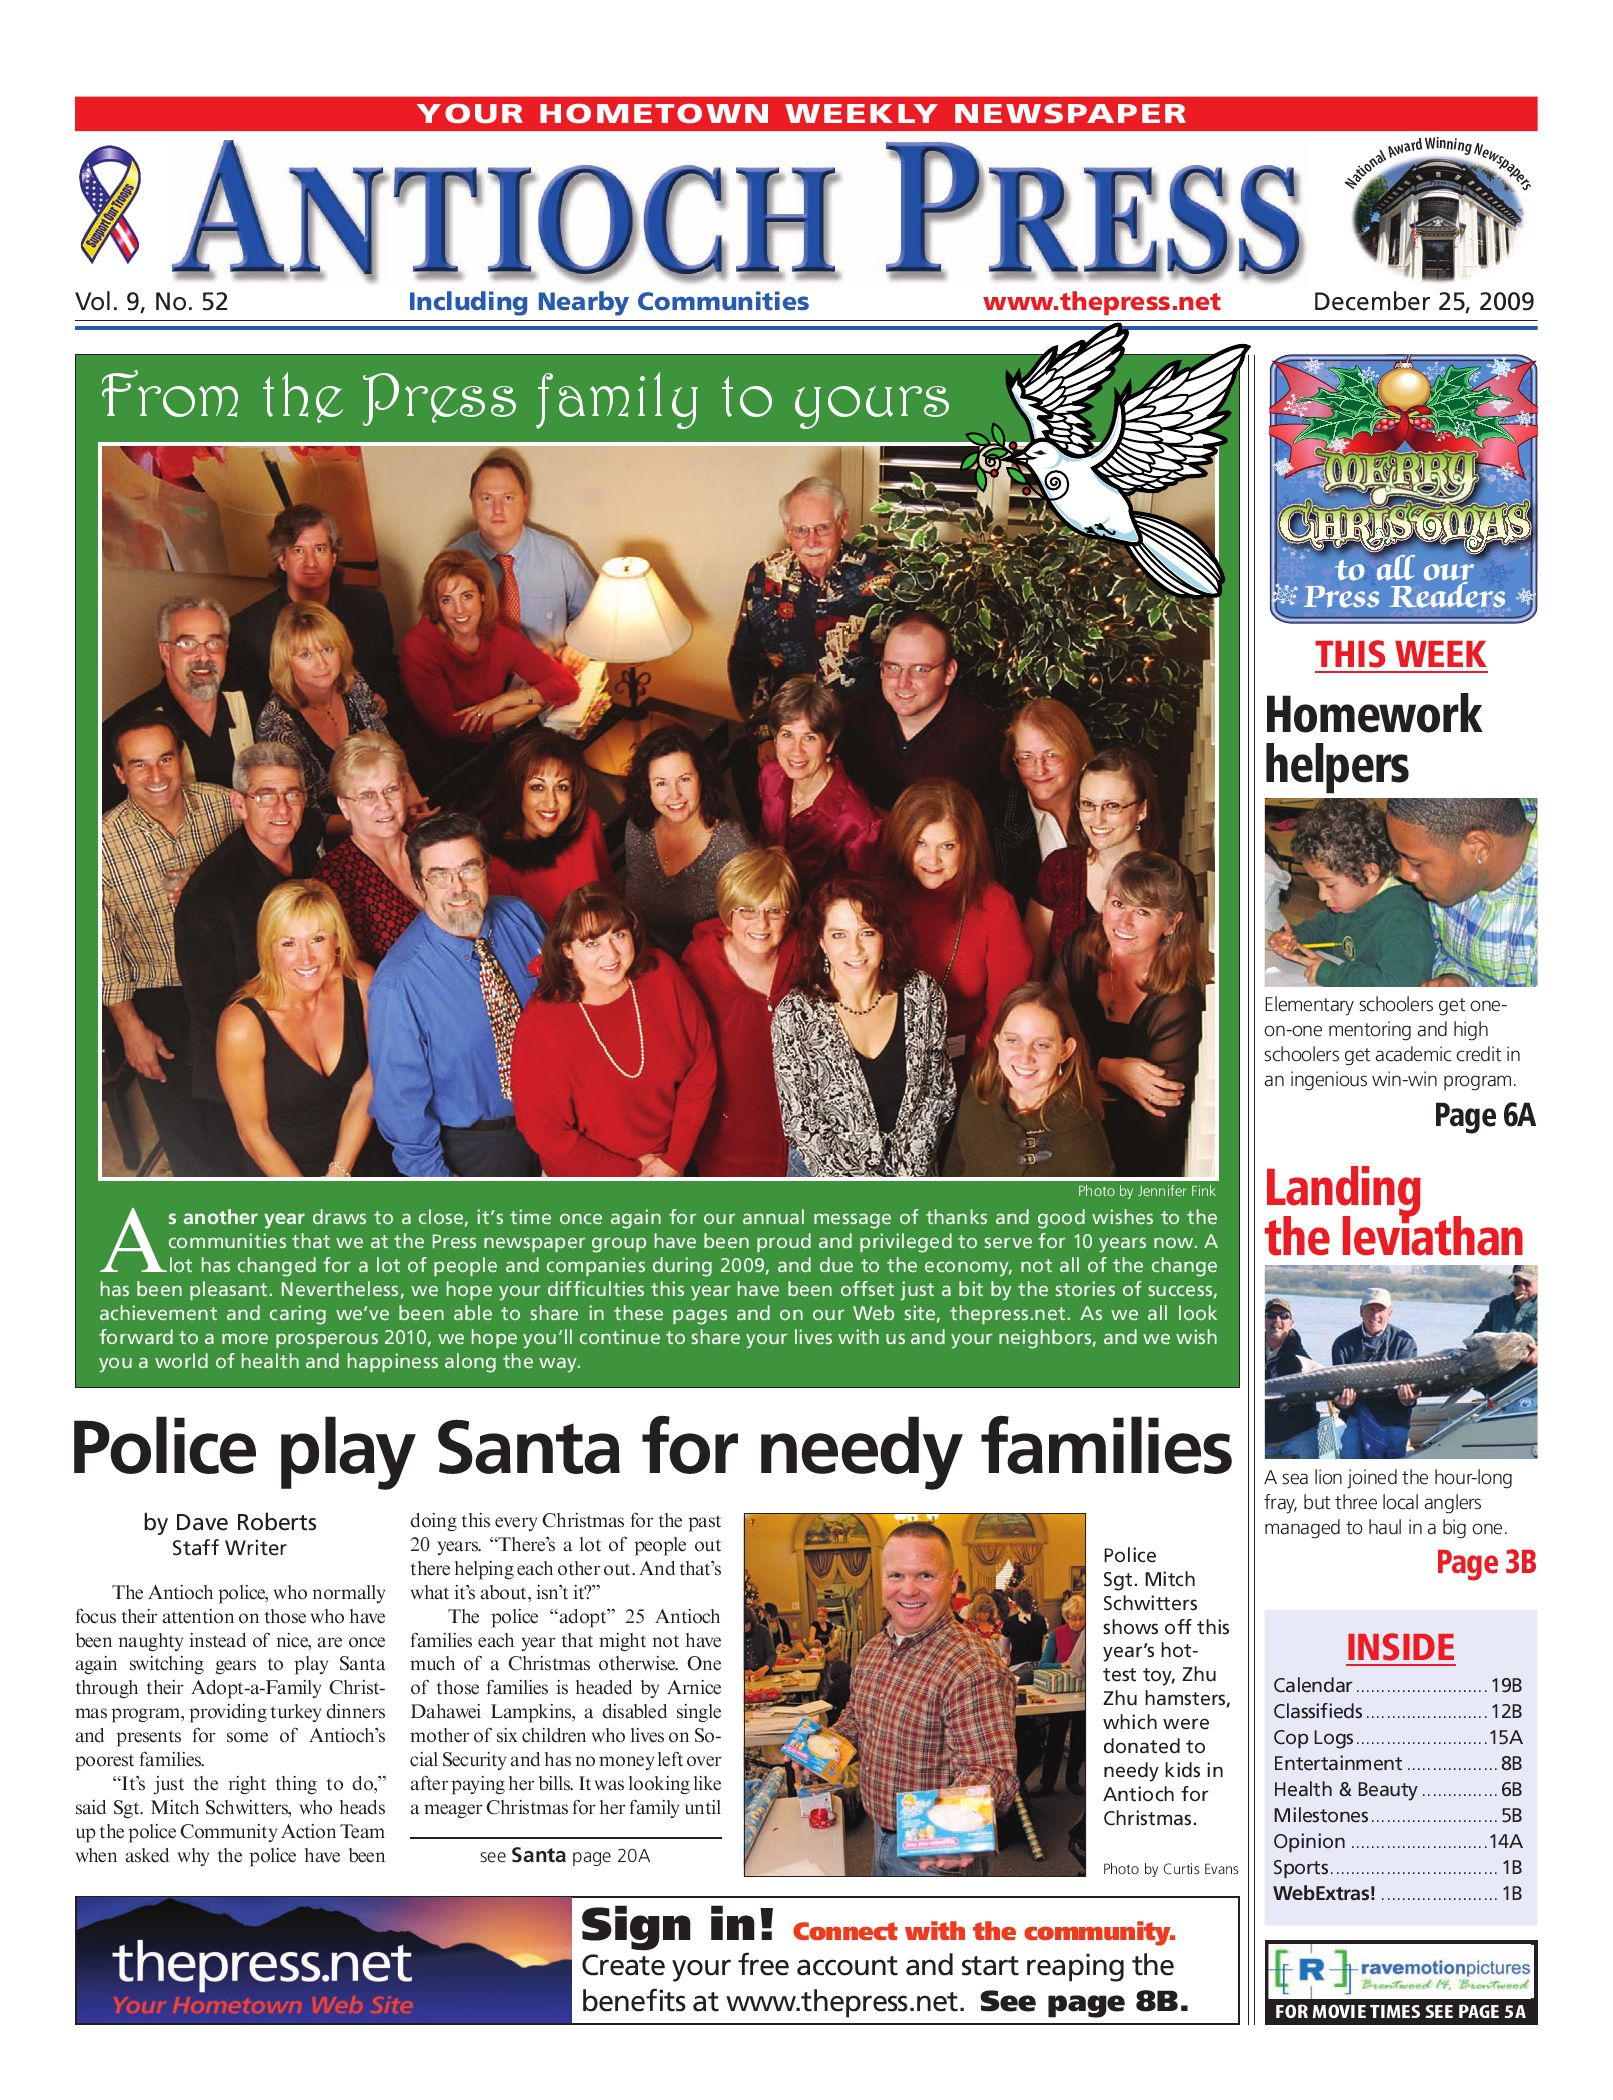 c8579ae4ff3a Antioch Press 12.25.09 by Brentwood Press   Publishing - issuu